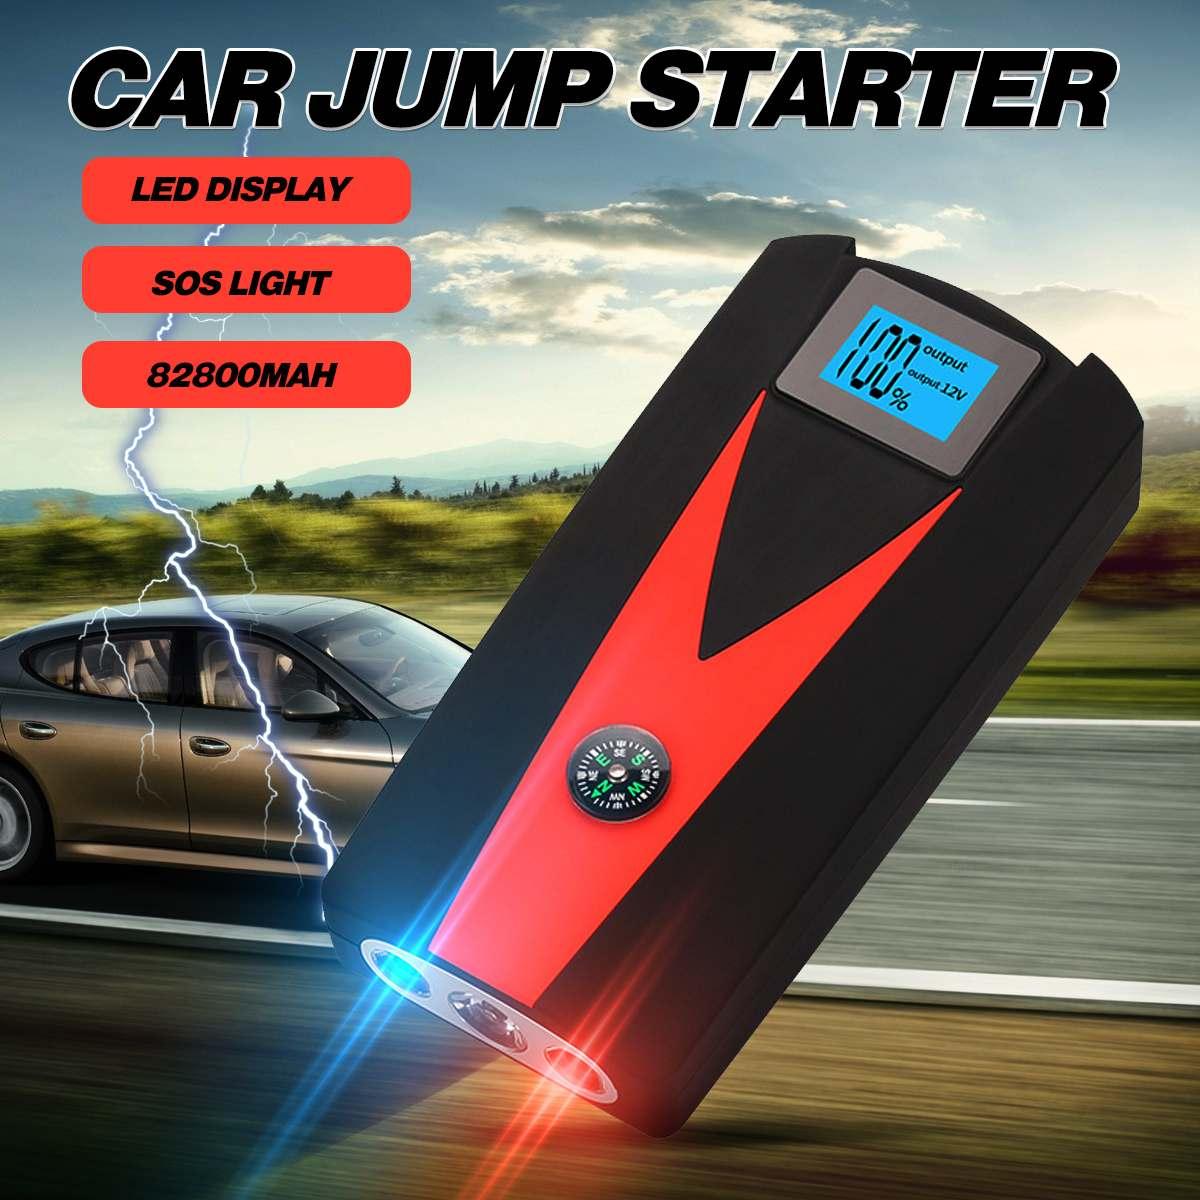 82800 mAh 2USB LED voiture saut démarreur batterie externe 800A étanche Portable voiture Mobile batterie Booster chargeur 12 V dispositif de démarrage